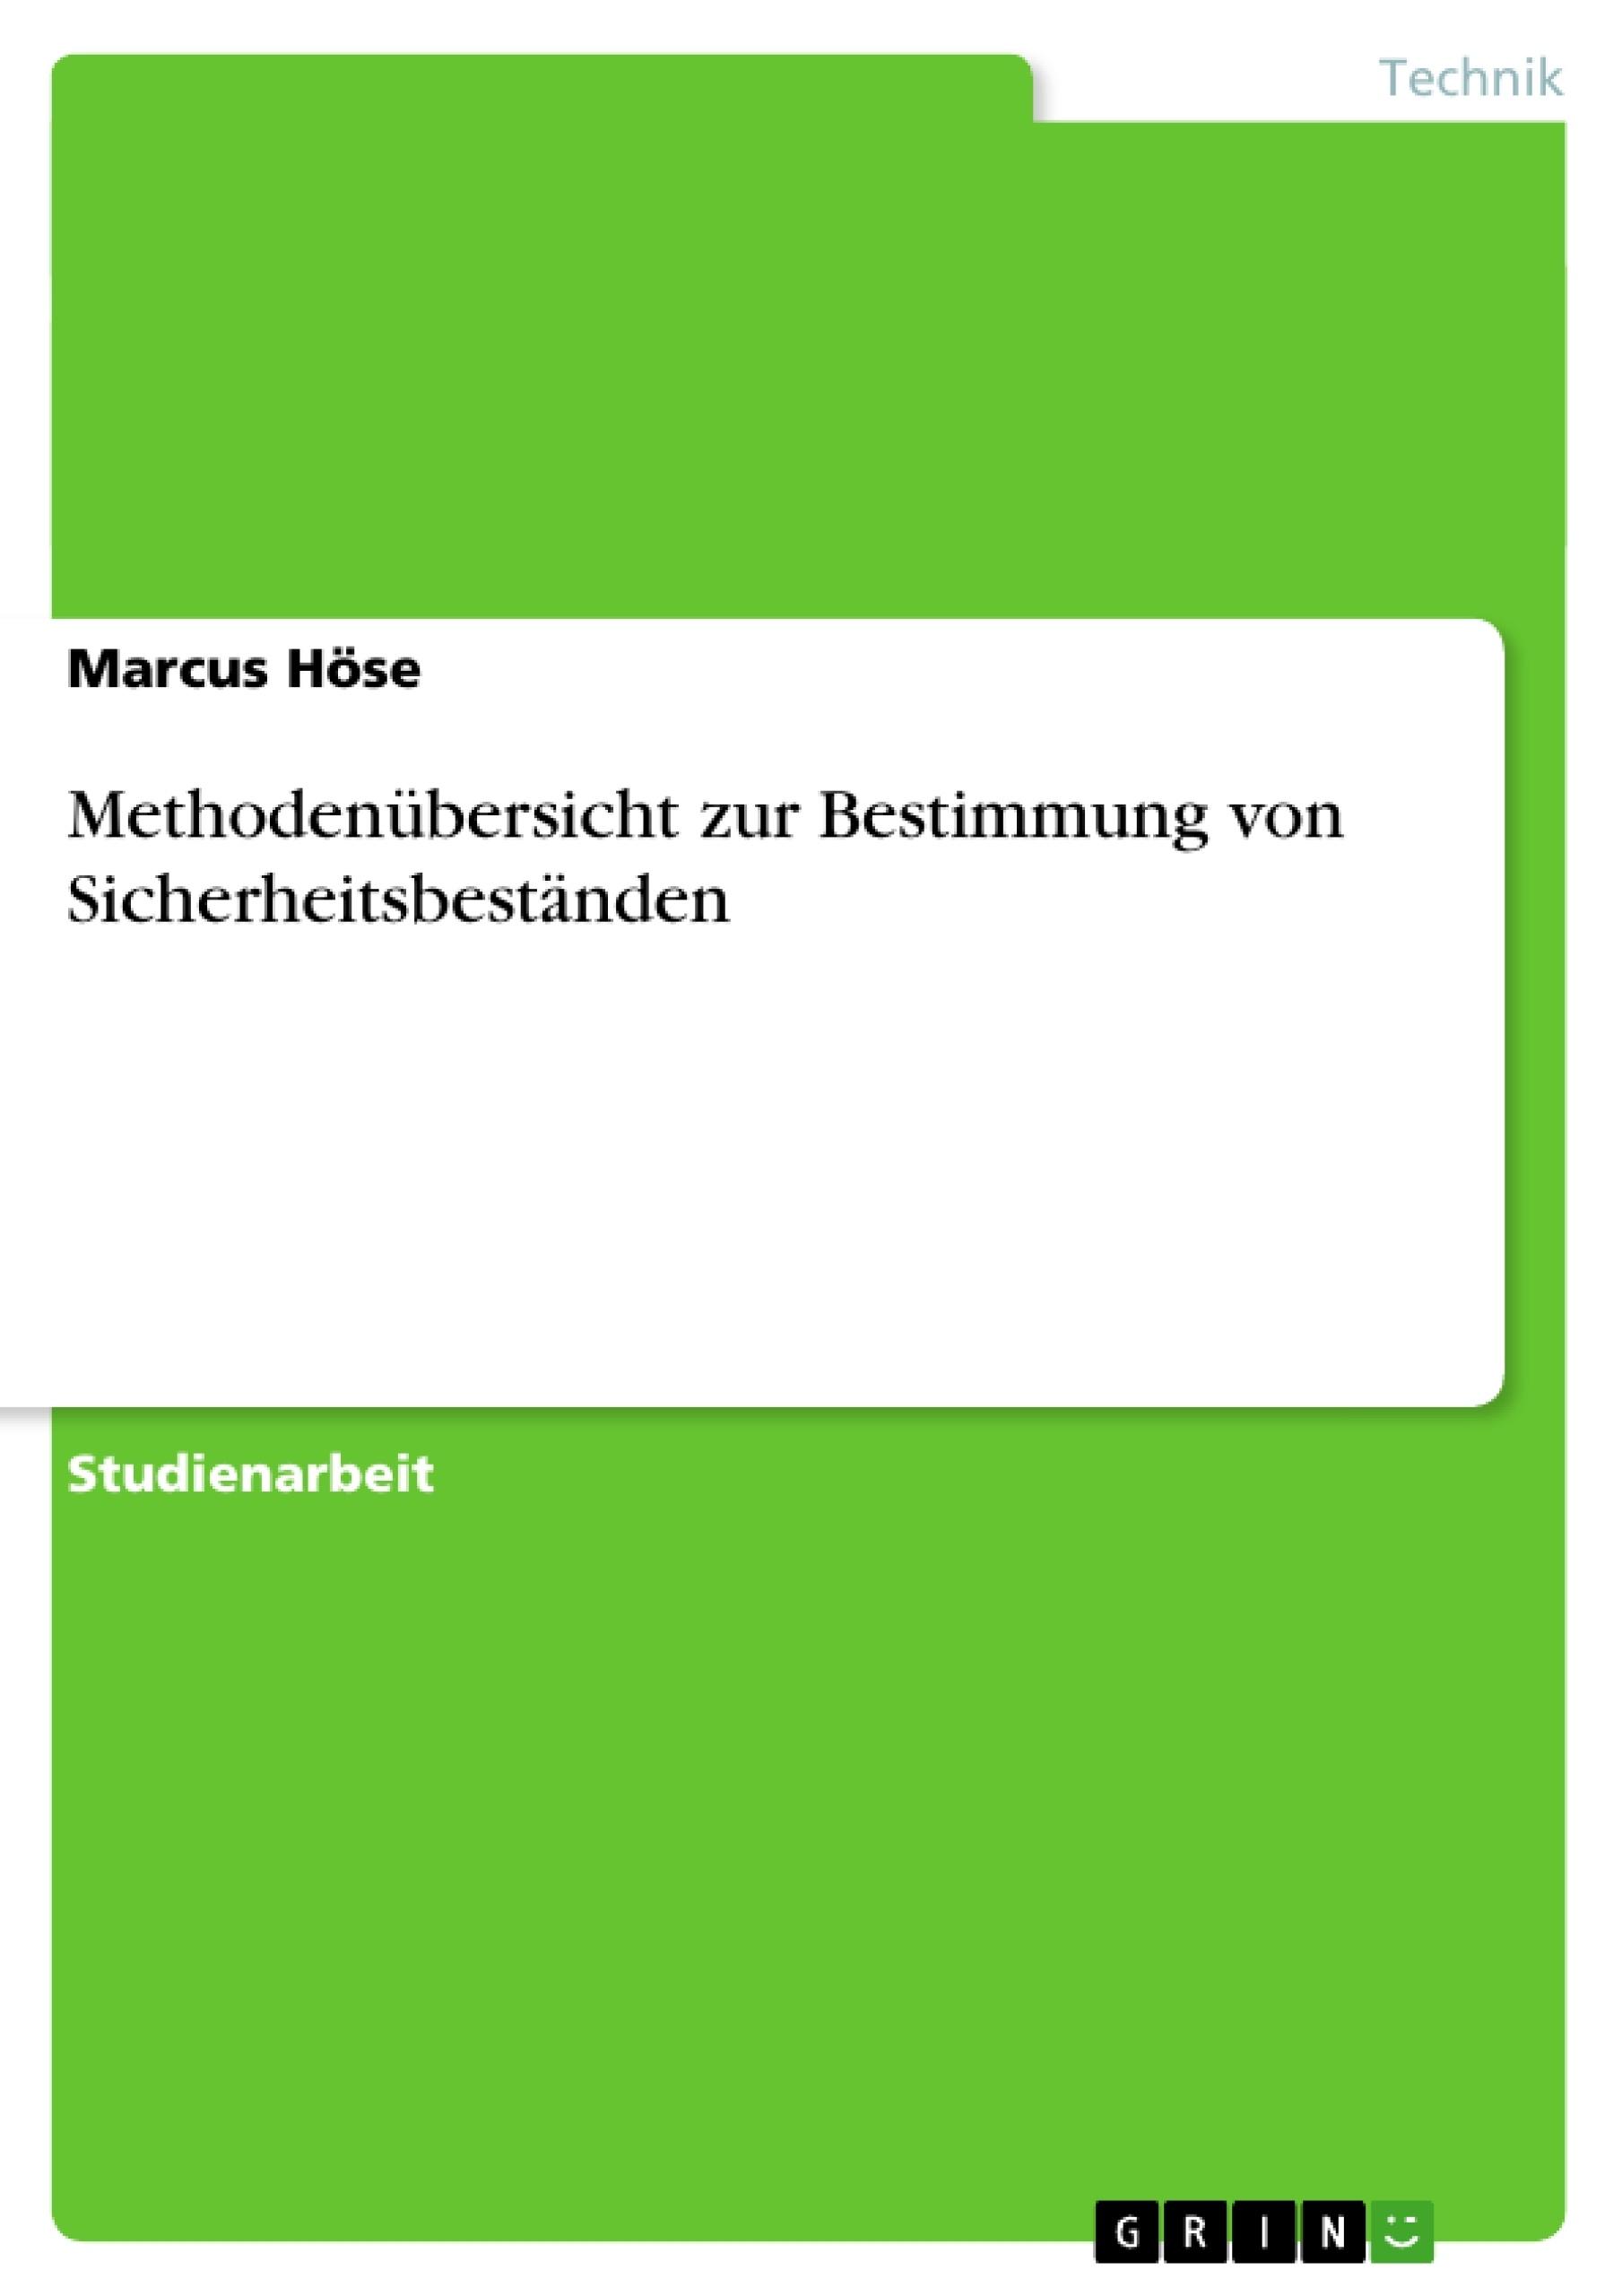 Titel: Methodenübersicht zur Bestimmung von Sicherheitsbeständen